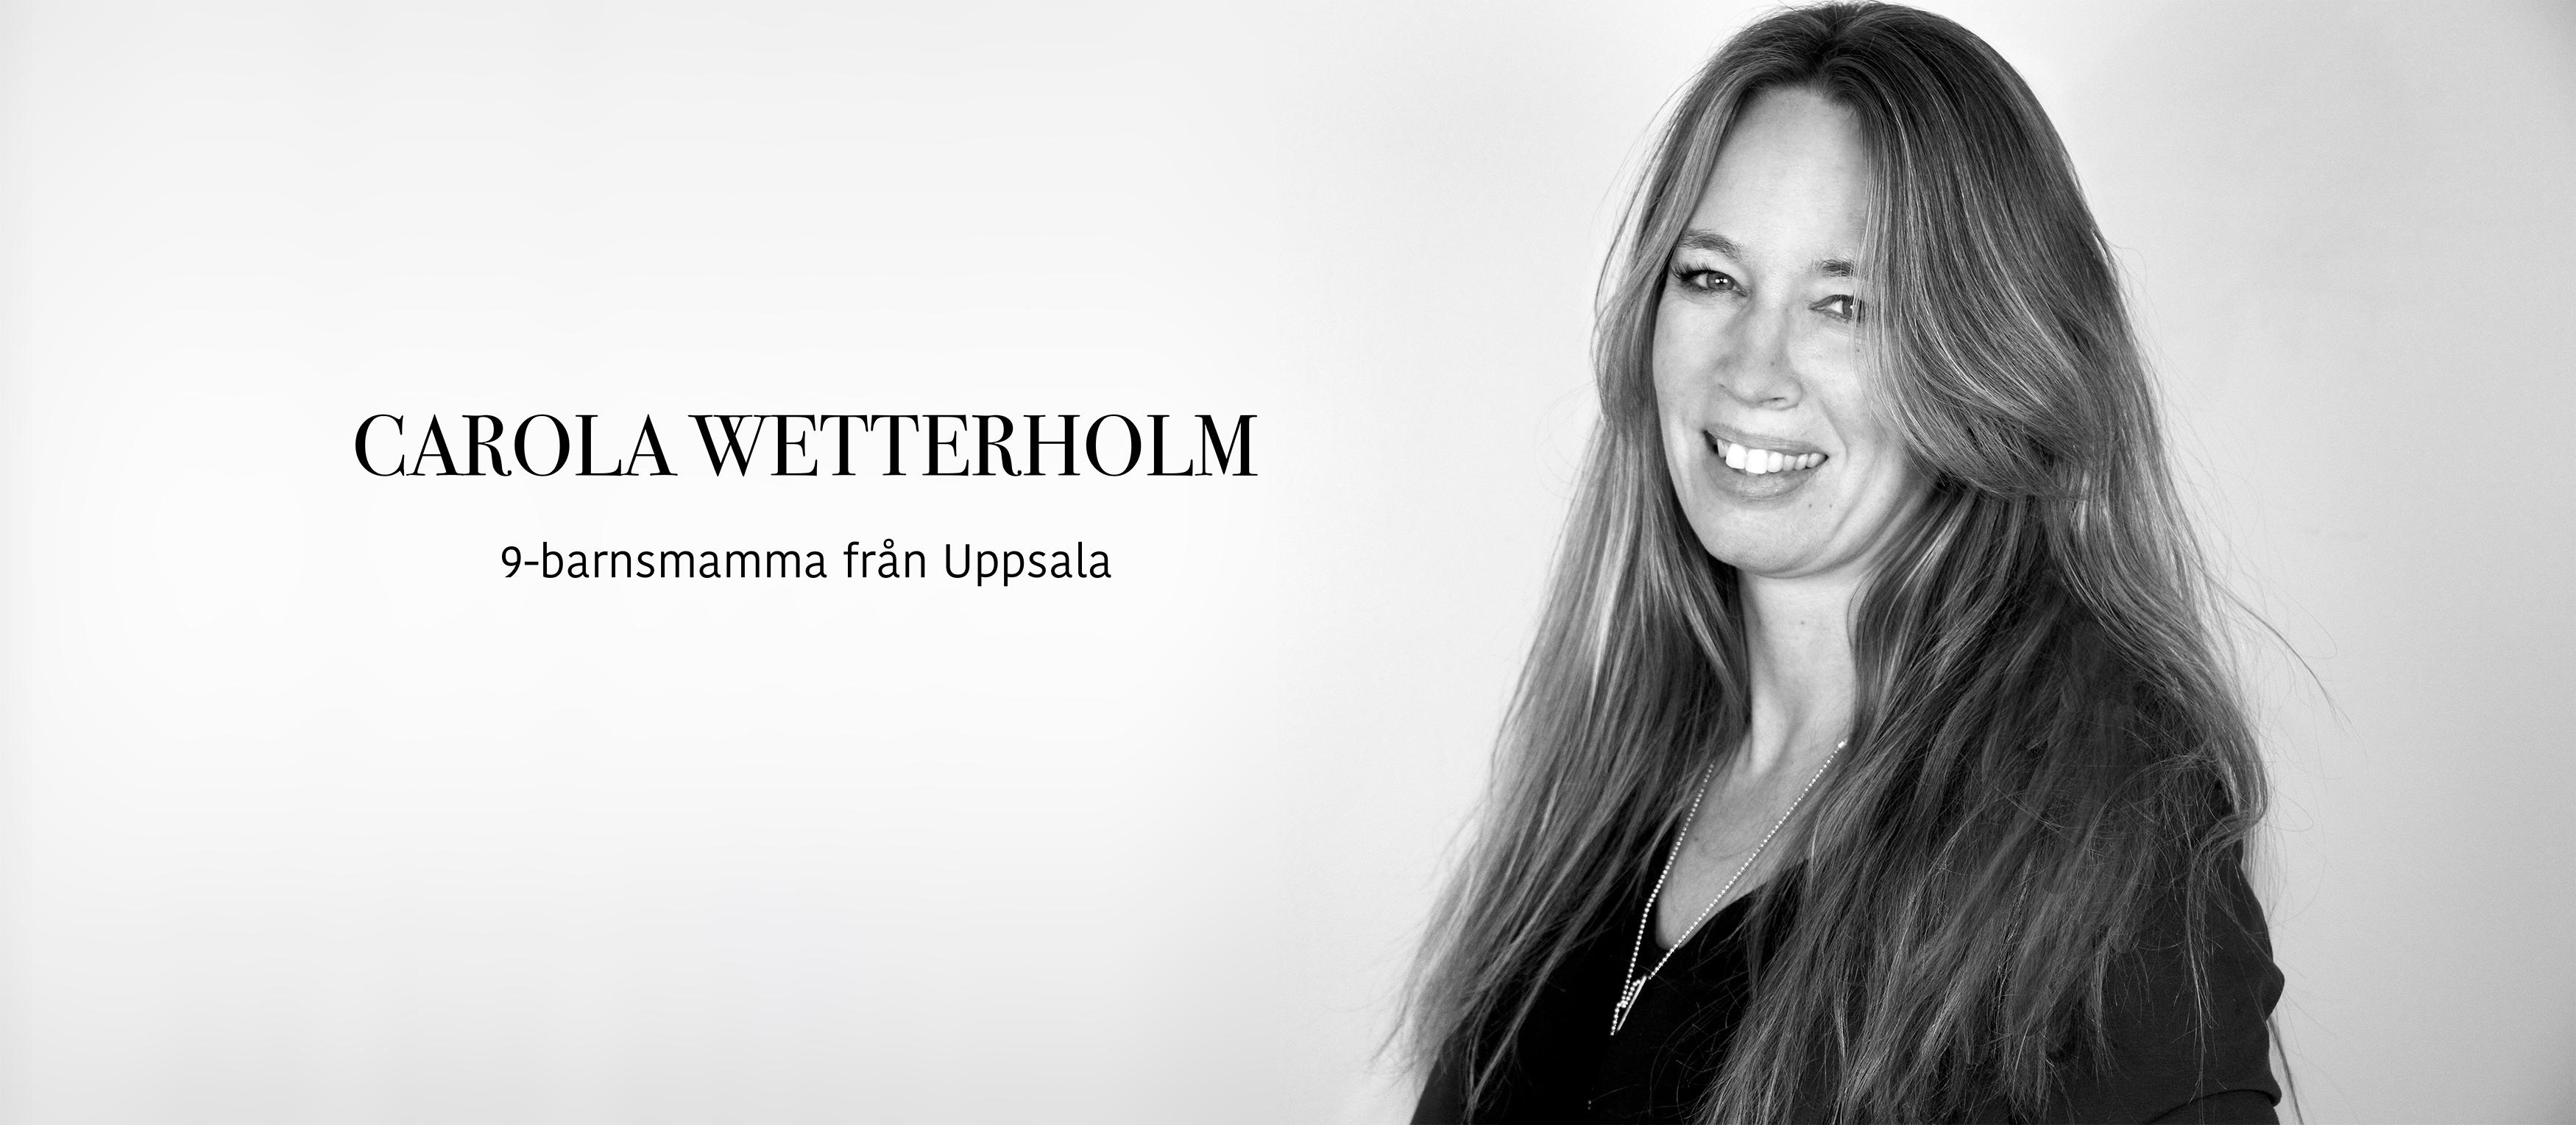 carola wetterholm – familjen annorlunda – carola wetterholm bloggar